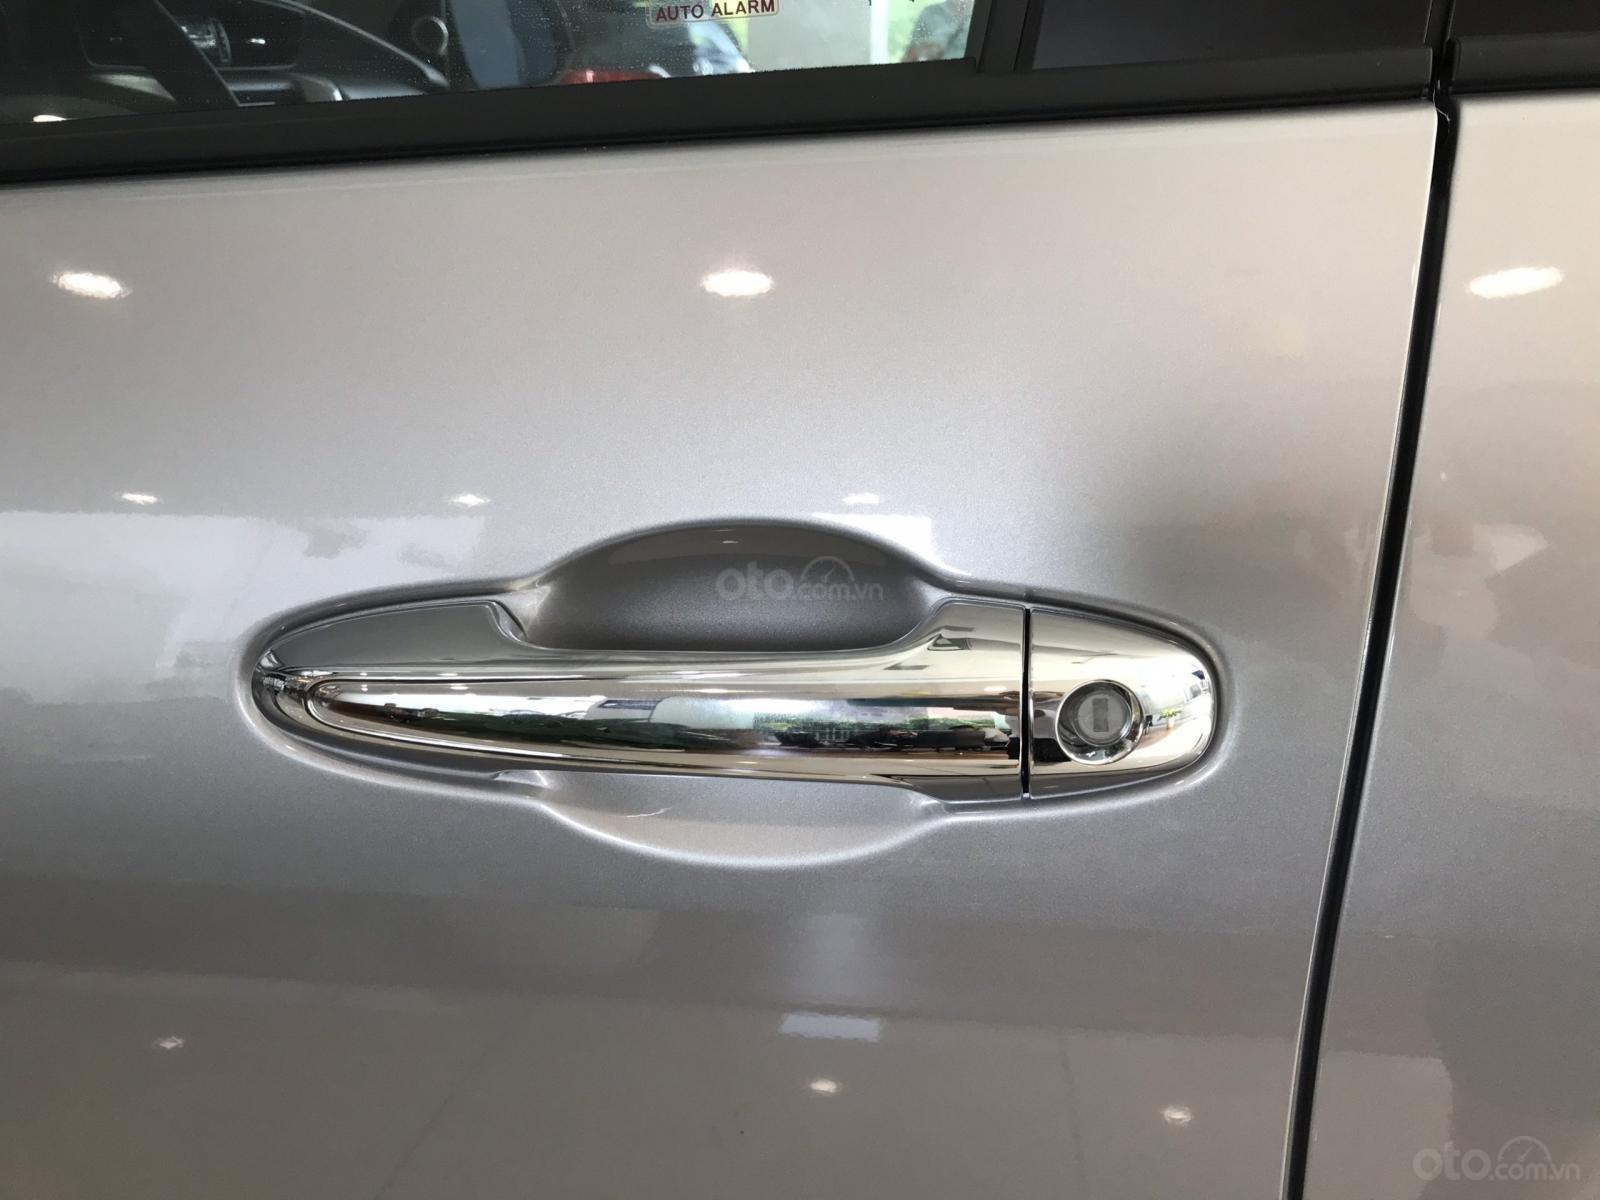 Bán Toyota Fortuner 2.4 4x2 tự động - km cực sốc cuối năm - Trả trước chỉ từ 280tr - liên hệ ngay 0932559525 (10)